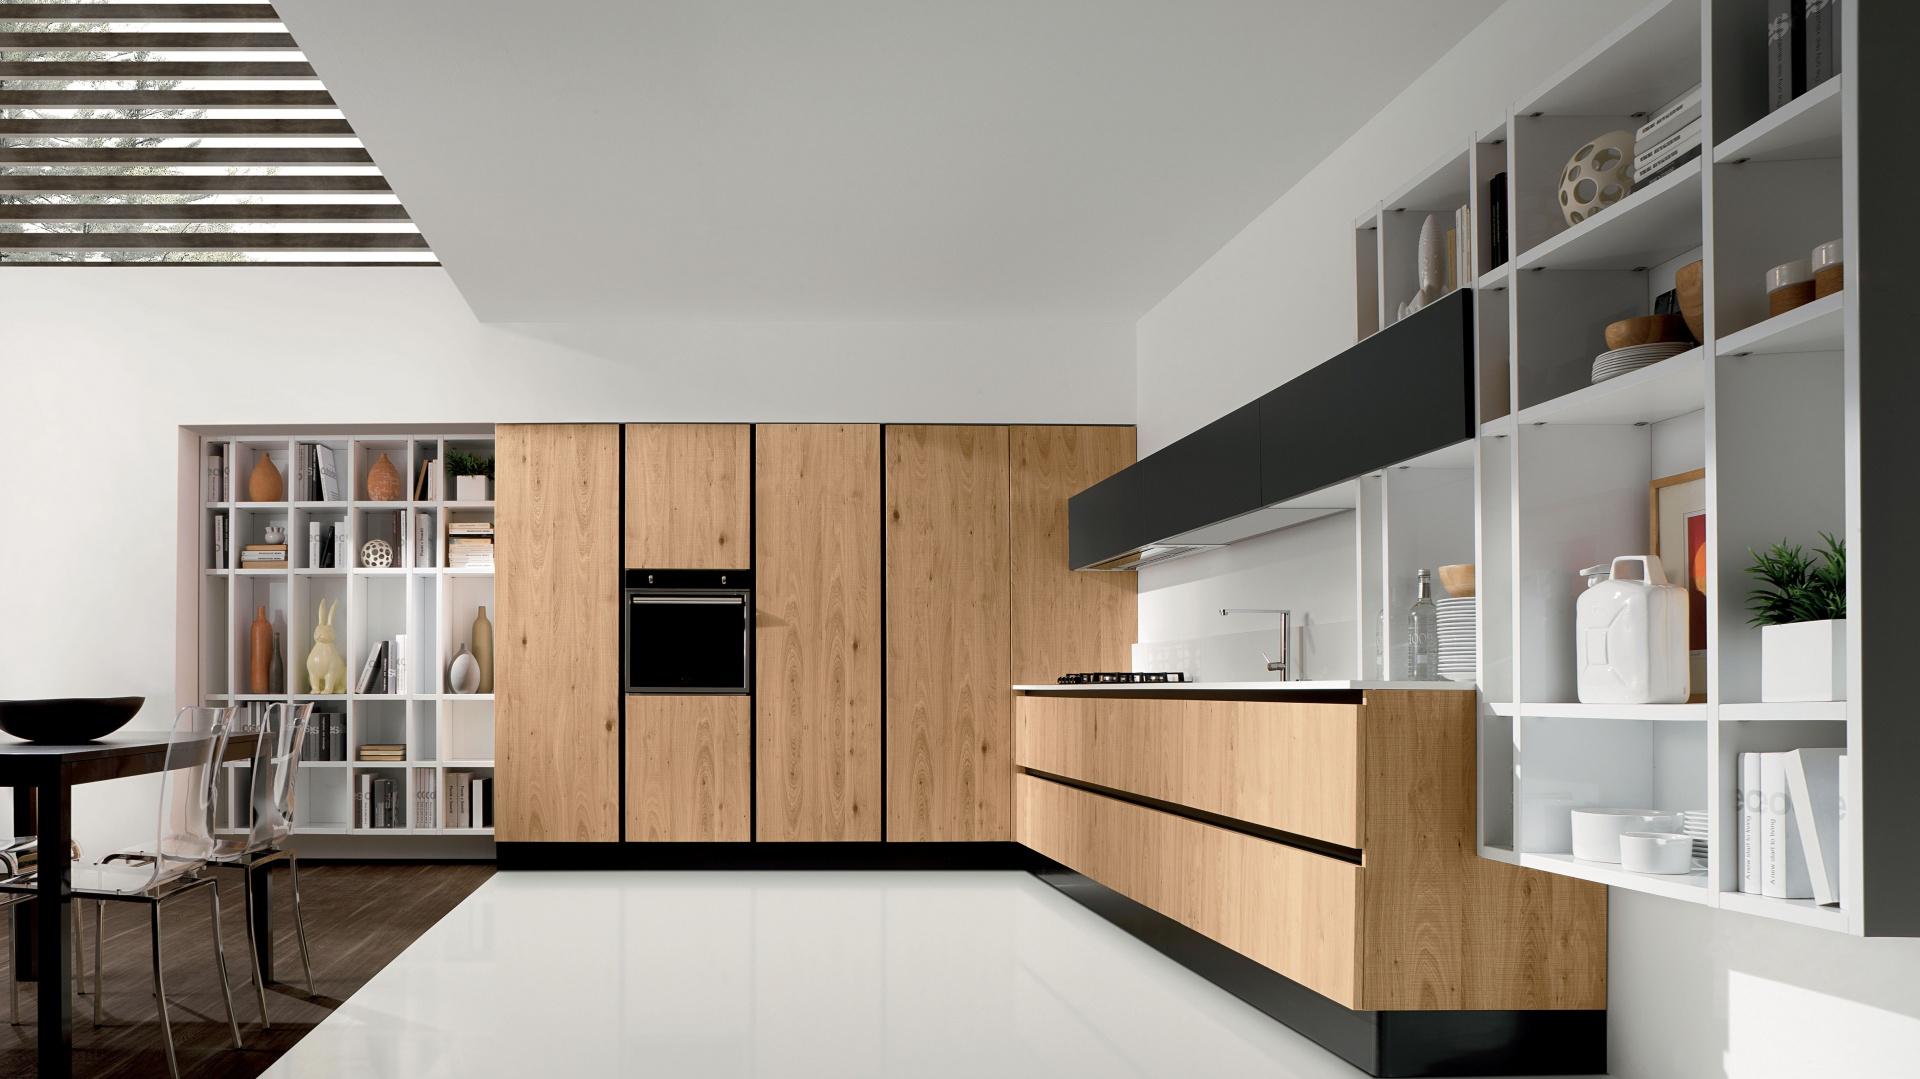 Kuchnia z kolekcji voltare 15 najciekawszych pomys w na otwart kuchni strona 12 - Aran cucine forum ...